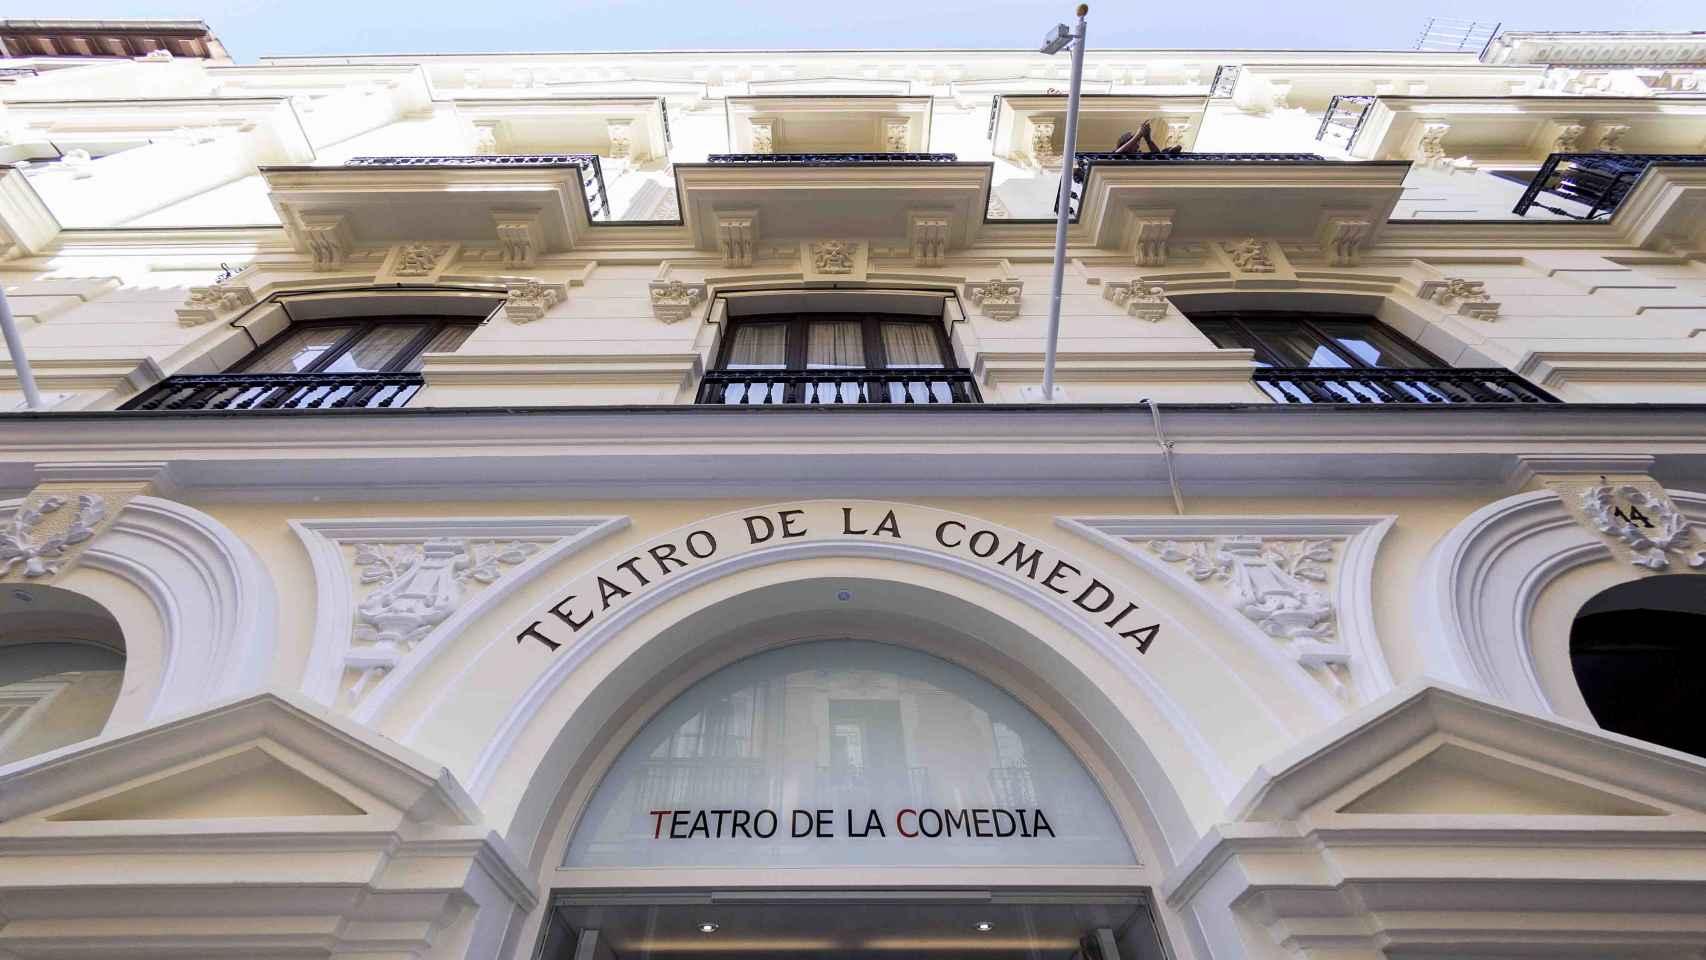 El Teatro de la Comédia, vuelve a abrir tras su cierre en 2002.